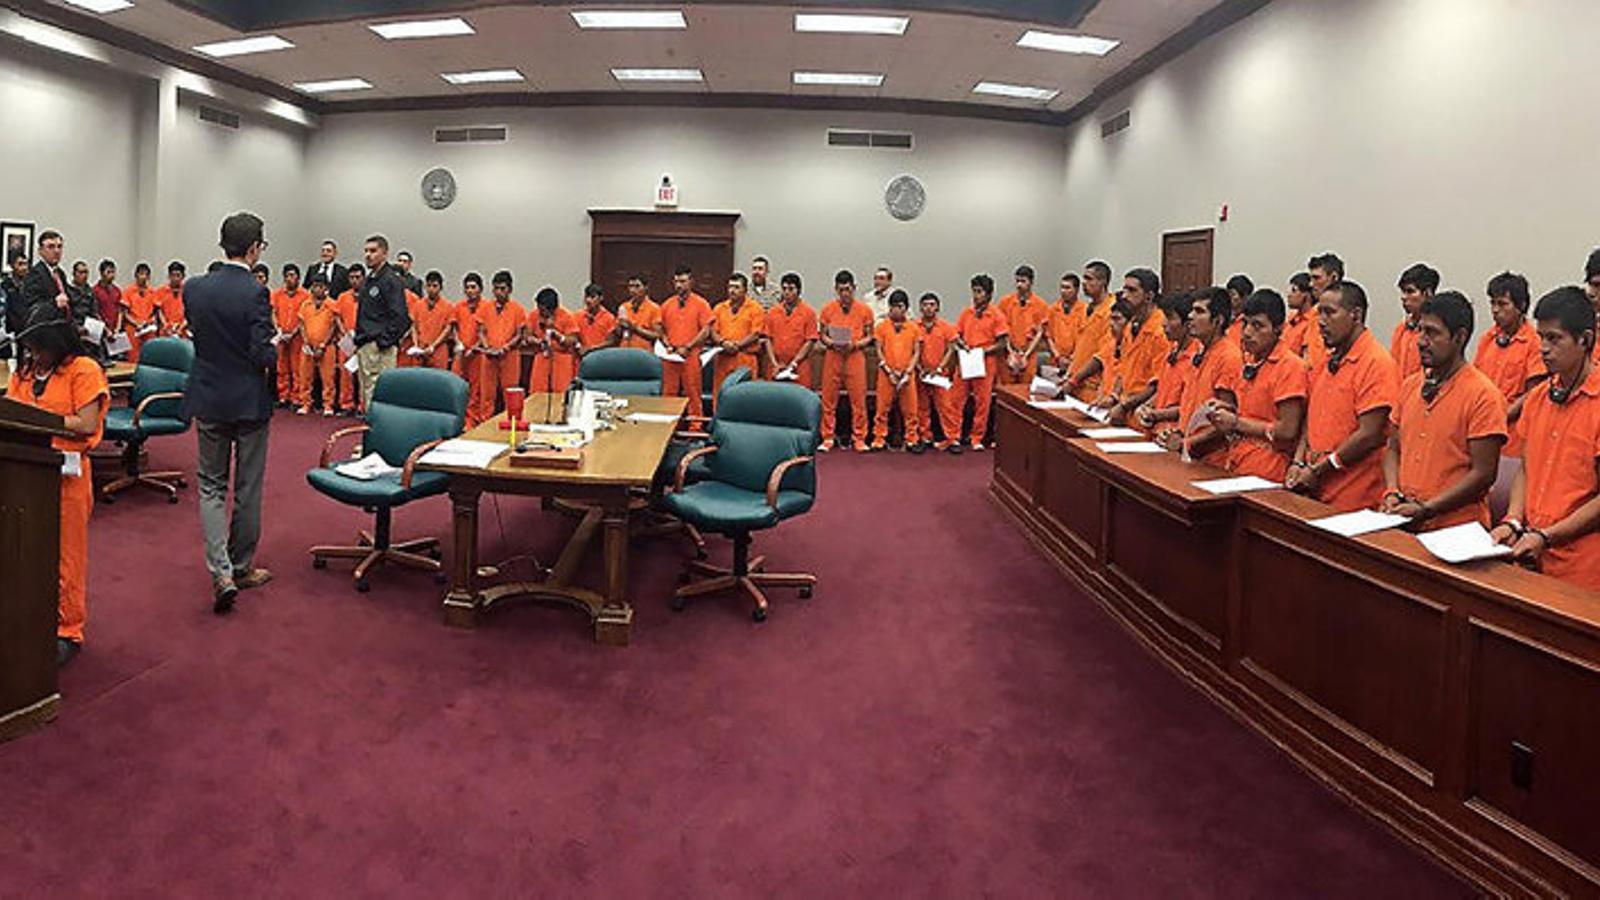 Judici massiu de migrants detinguts a la frontera, a alguns dels quals els han pres els fills, el 10 de maig a Pecos (Texas).